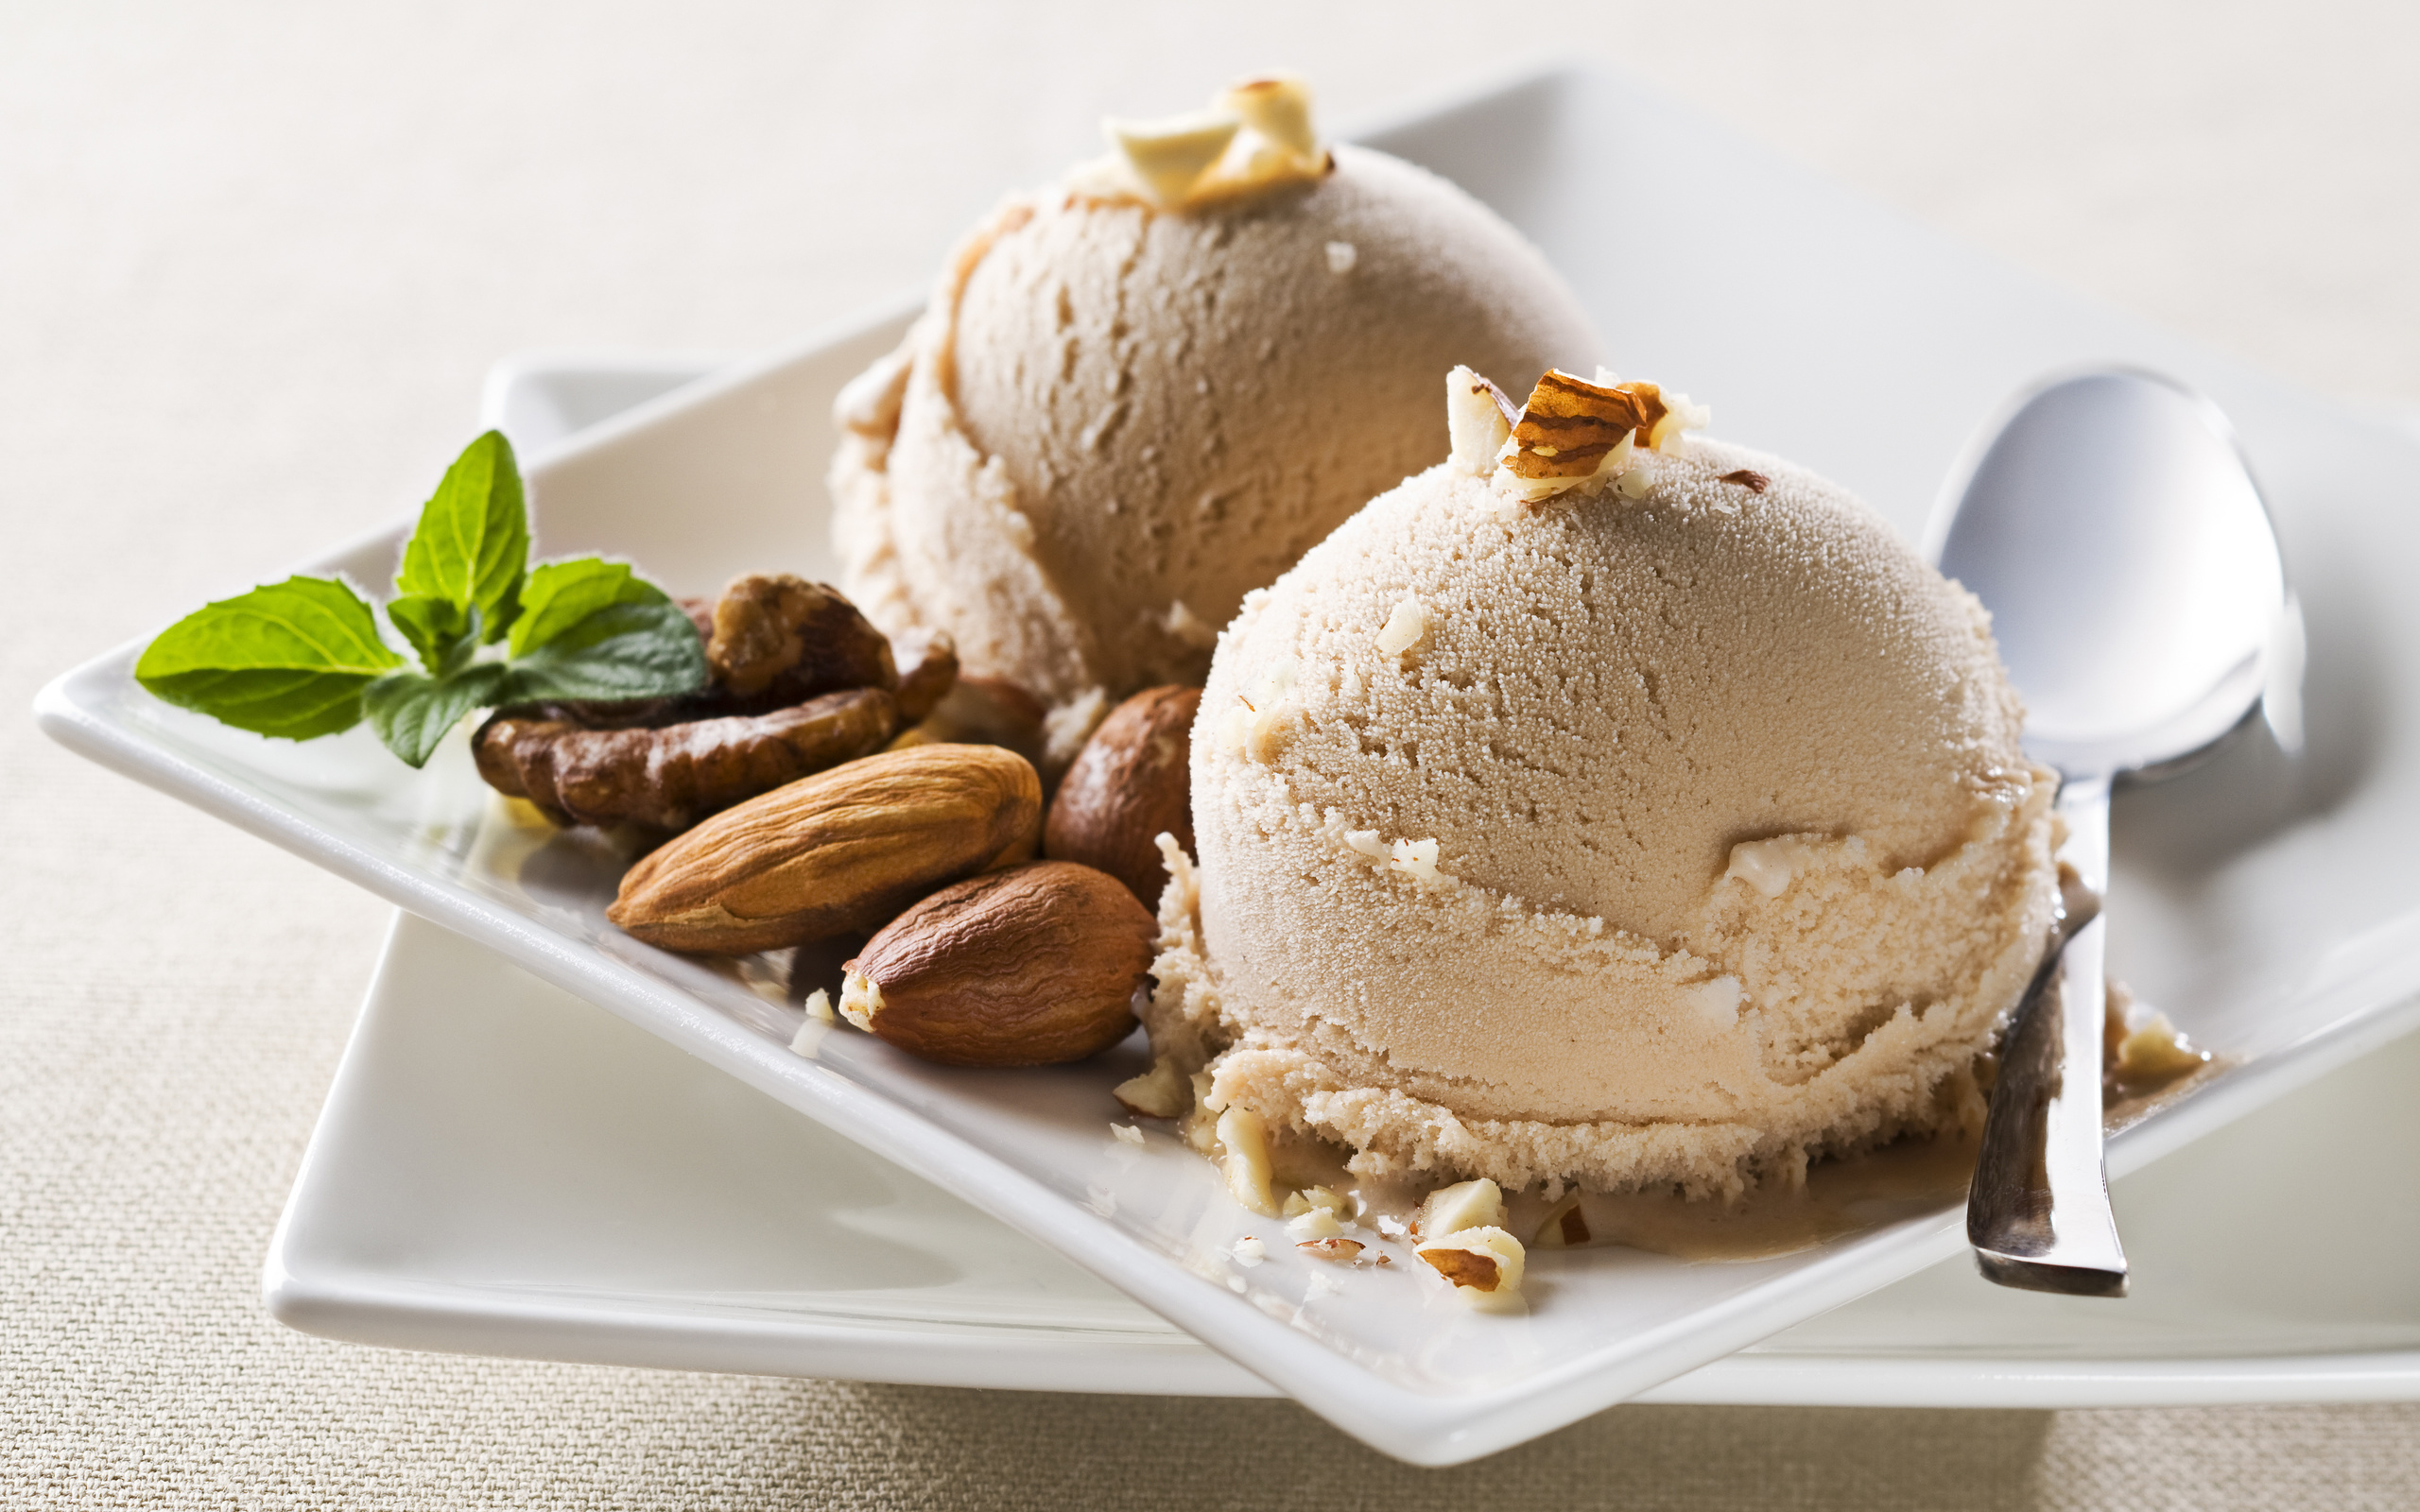 хорошо красивая картинка мороженого для